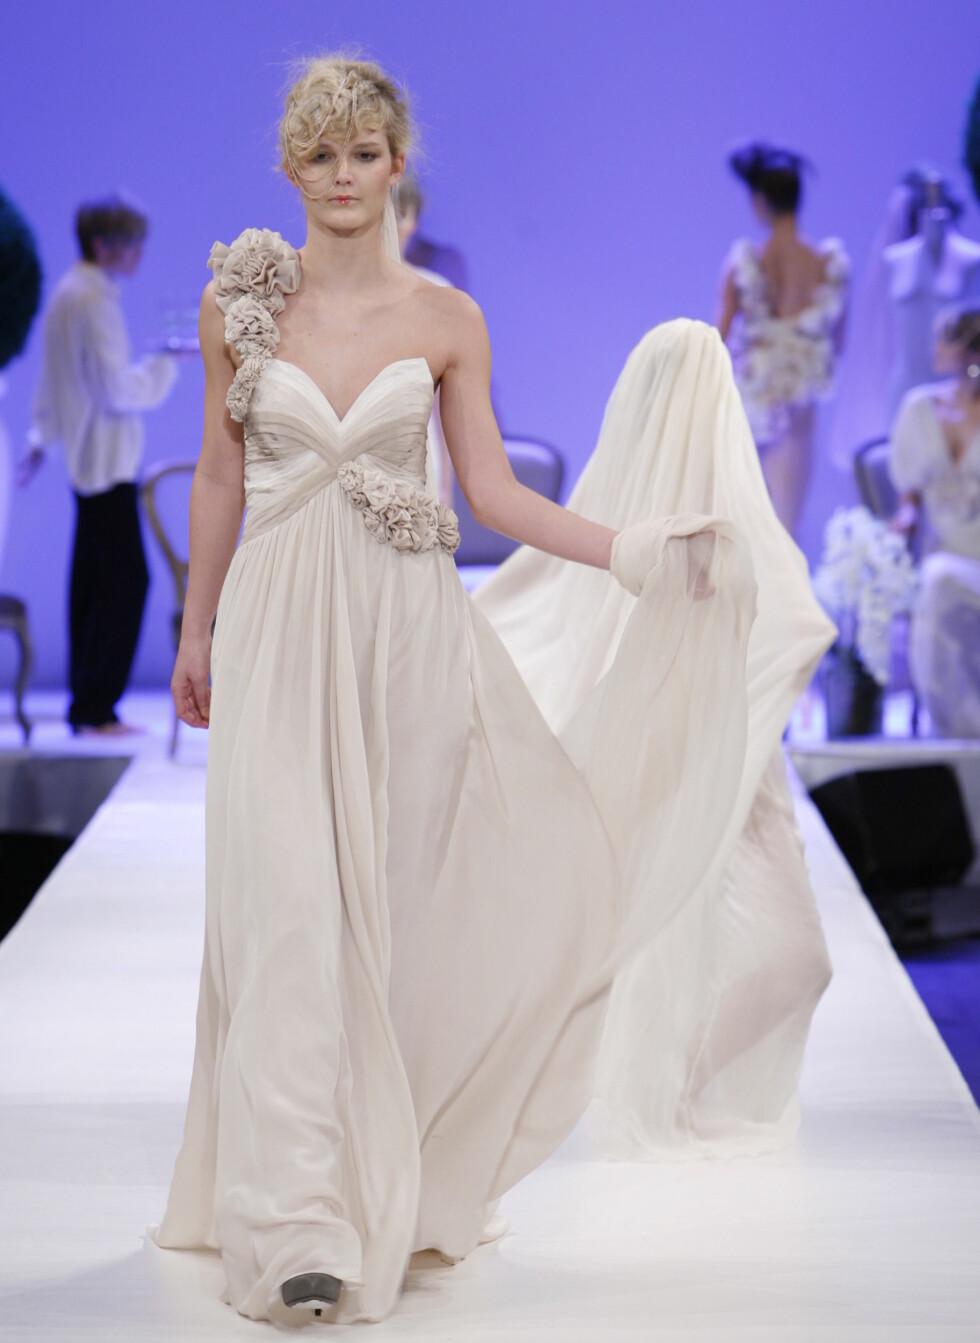 Langt må slepet være! Denne kjolen har i tillegg til slep også håndsydde blomsterapplikasjoner. Foto: Per Ervland